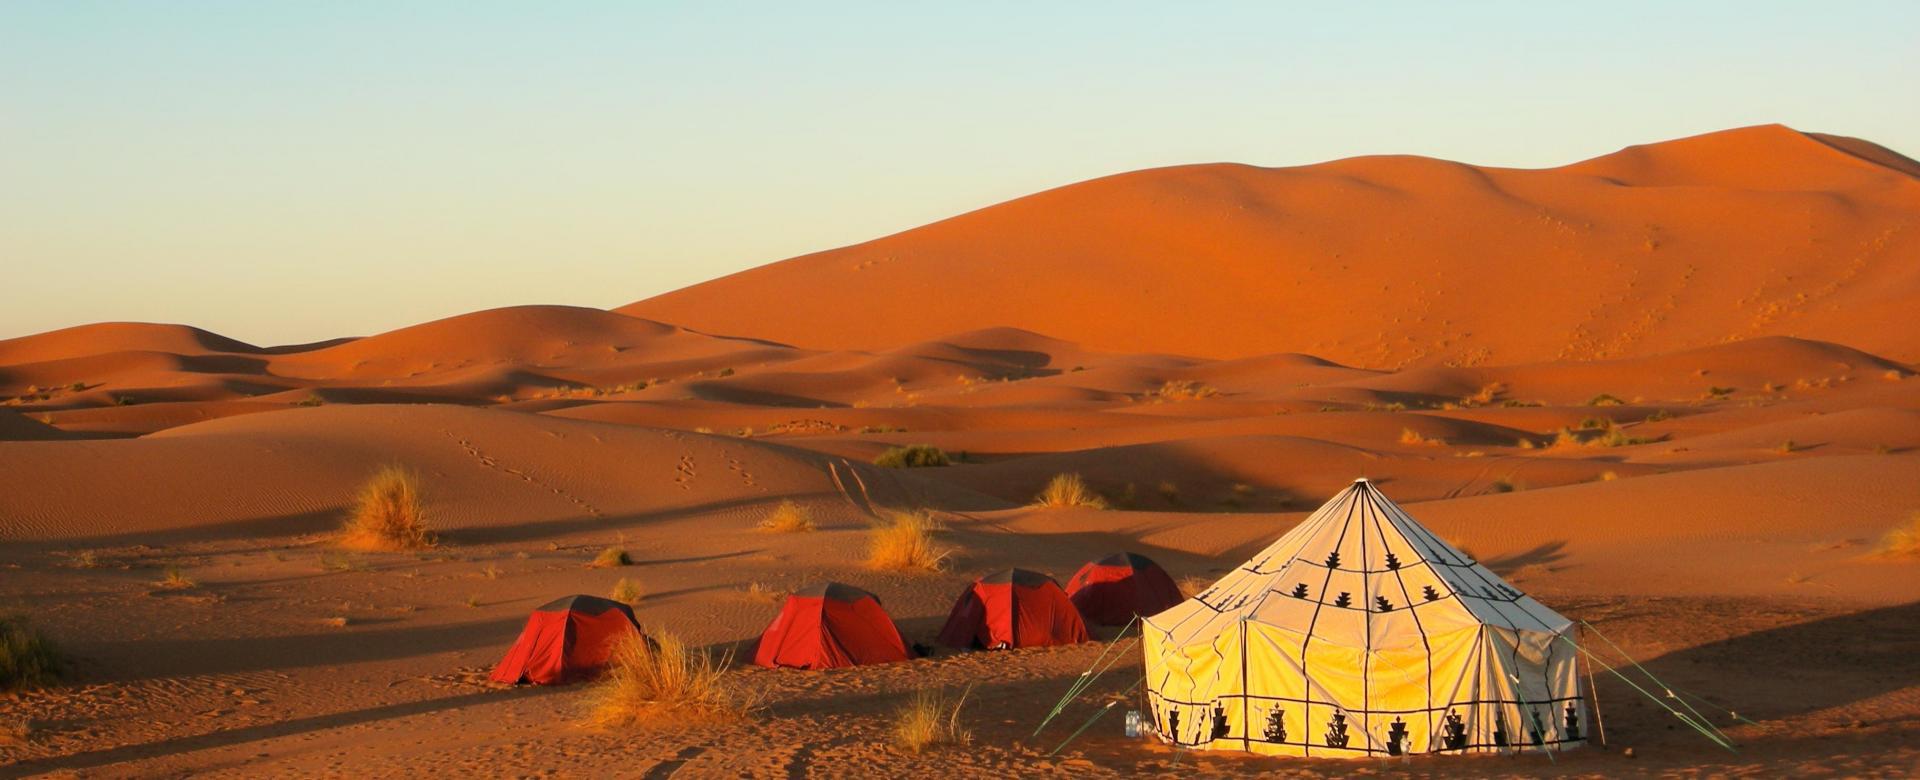 Voyage à pied : Maroc : La caravane du d\'sert